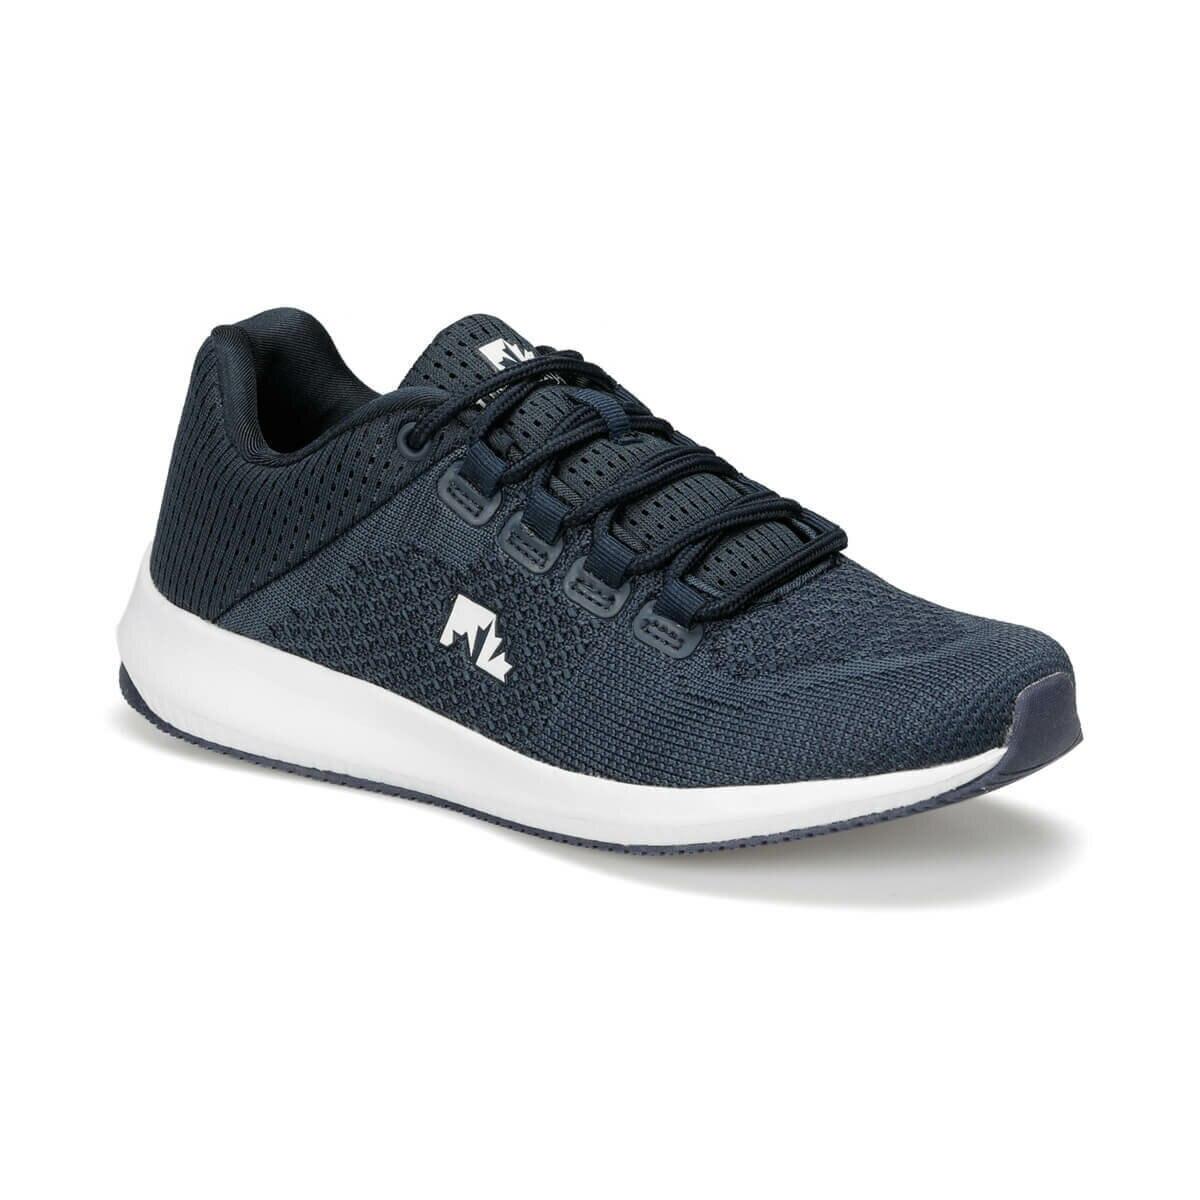 FLO ALE WMN 9PR Navy Blue Women 'S Running Shoe LUMBERJACK